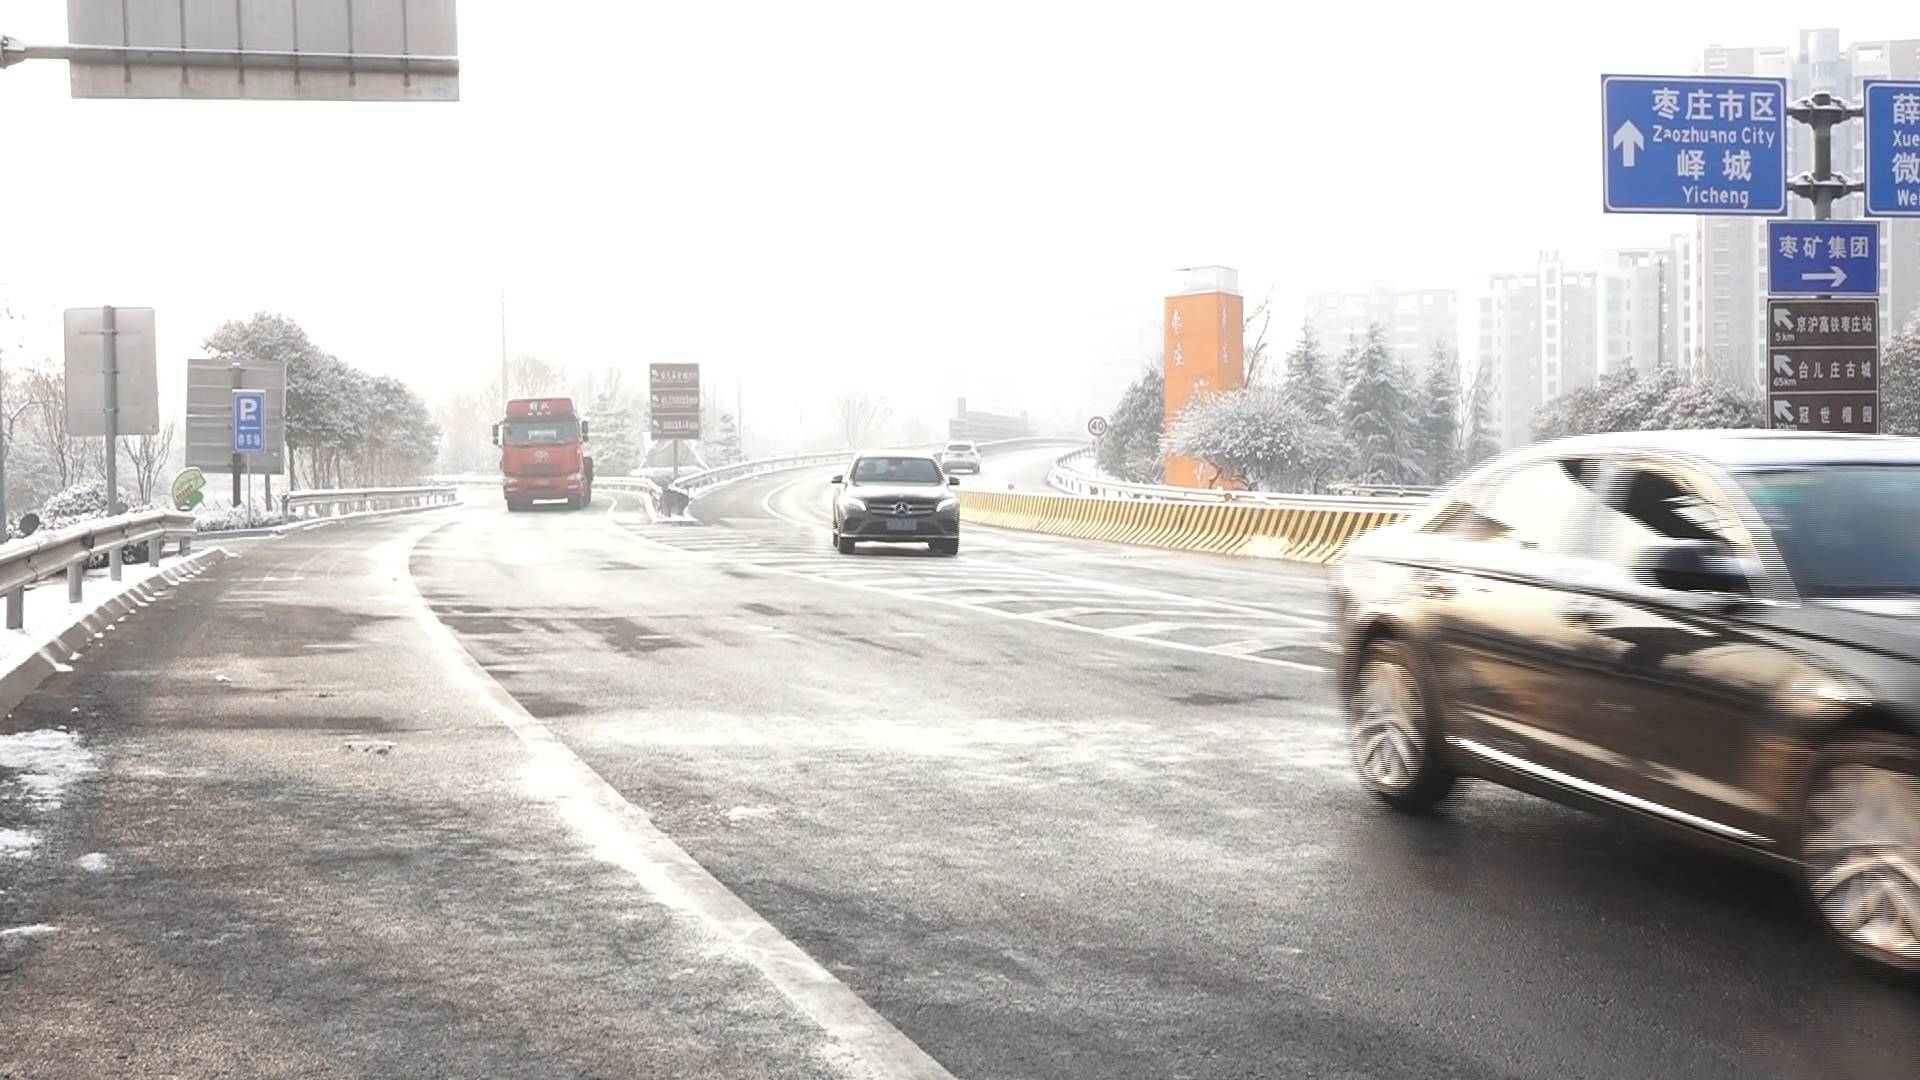 海丽气象吧丨山东多地降雪引发事故 济南近期无雪